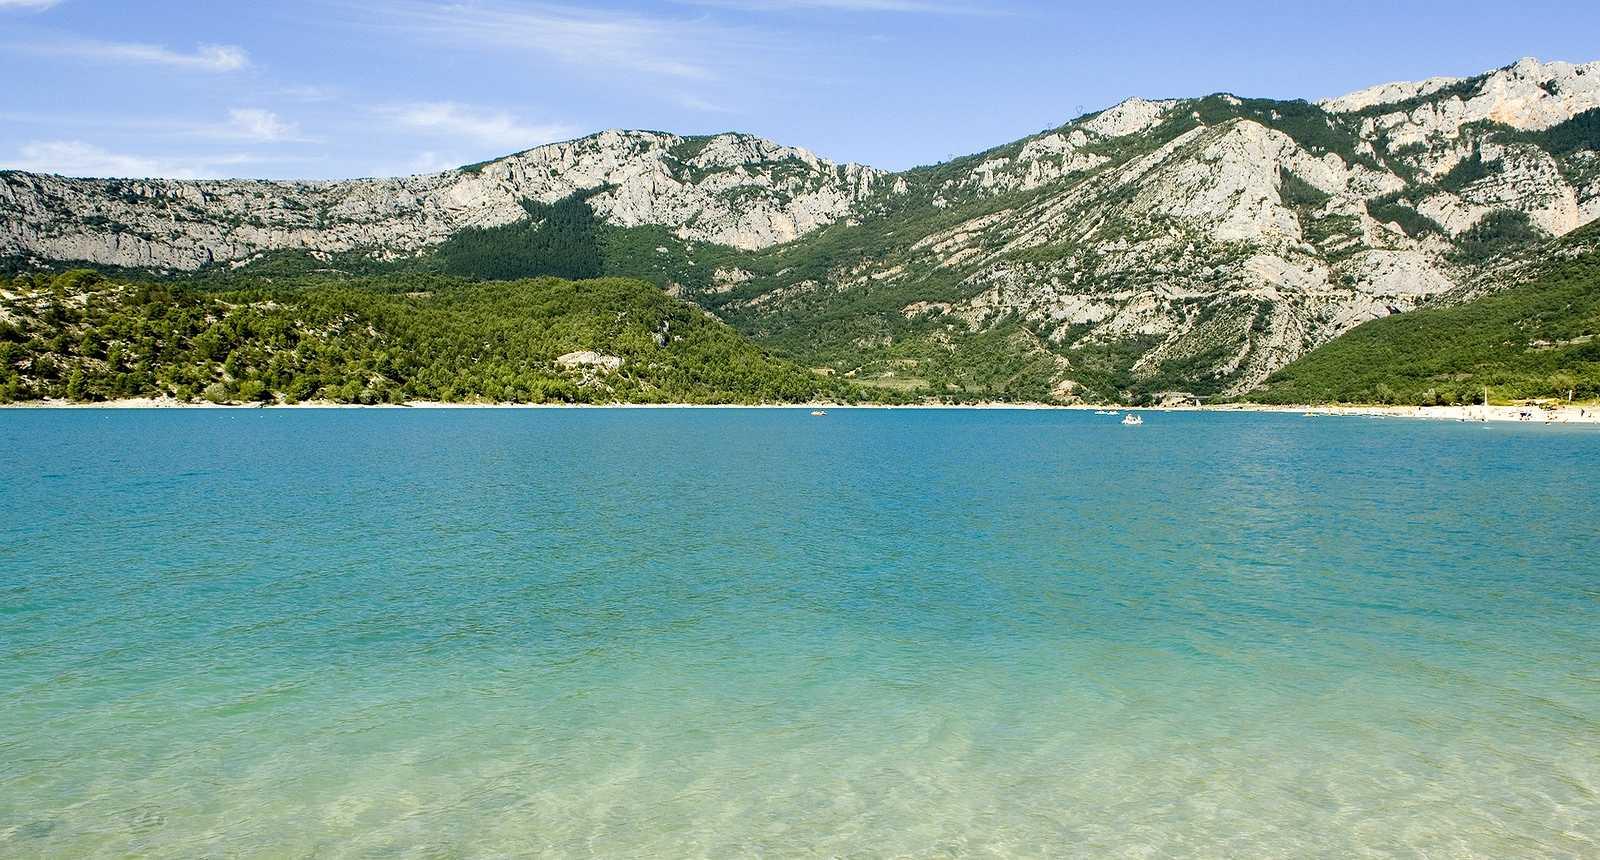 Le lac de Sainte-Croix  (1)